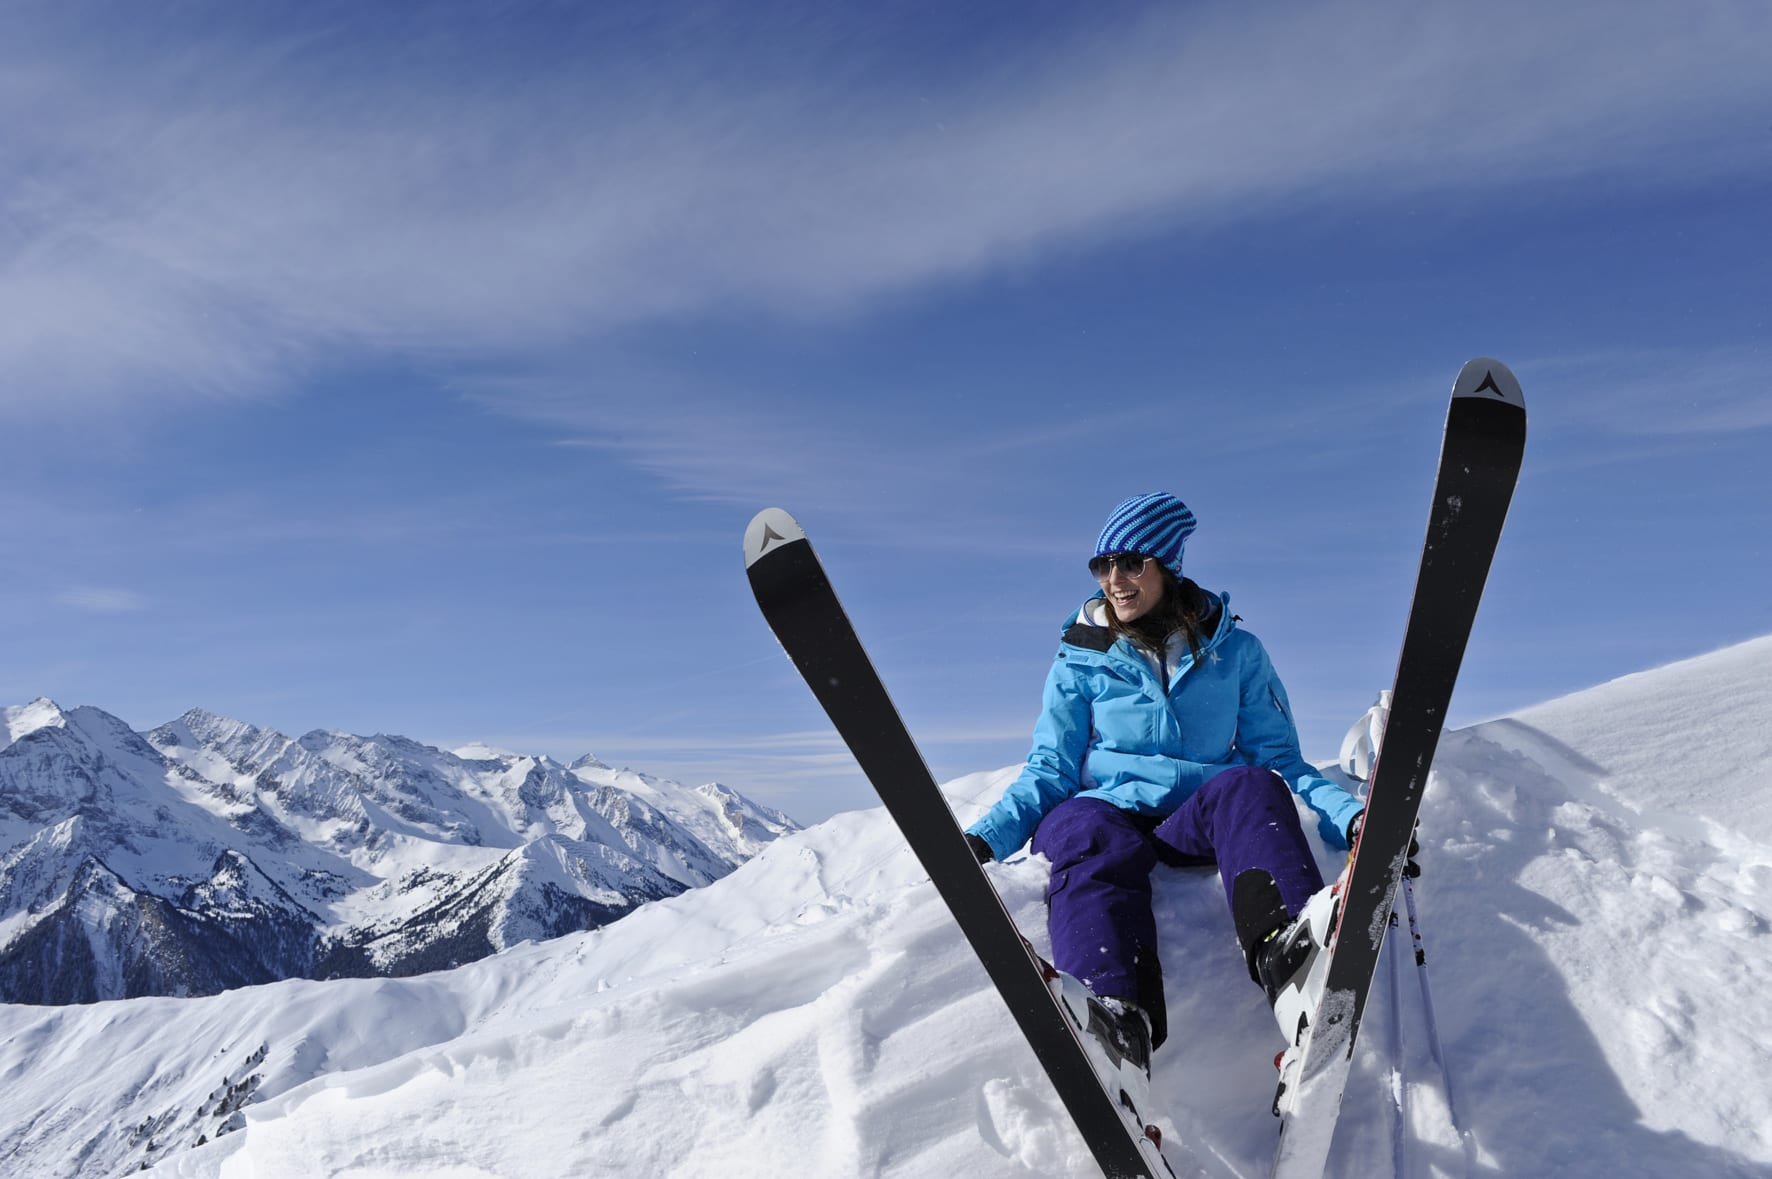 Πως επιλέγω μπότες σκι και μπατόν